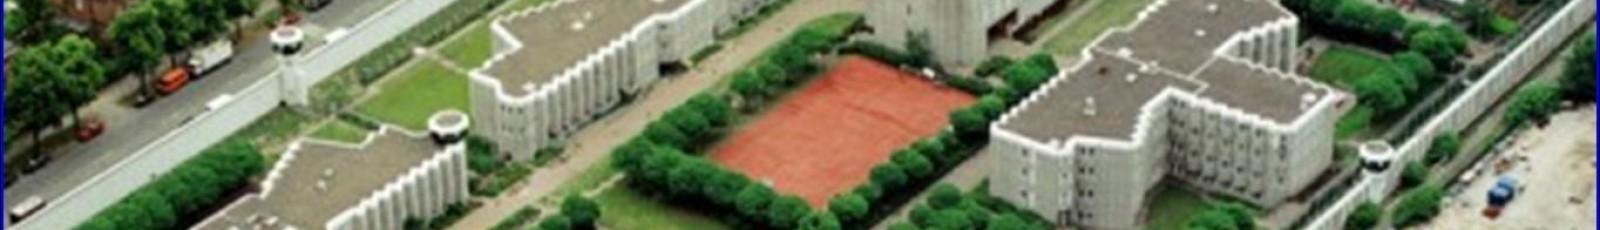 Luftbild JVA Plötzensee